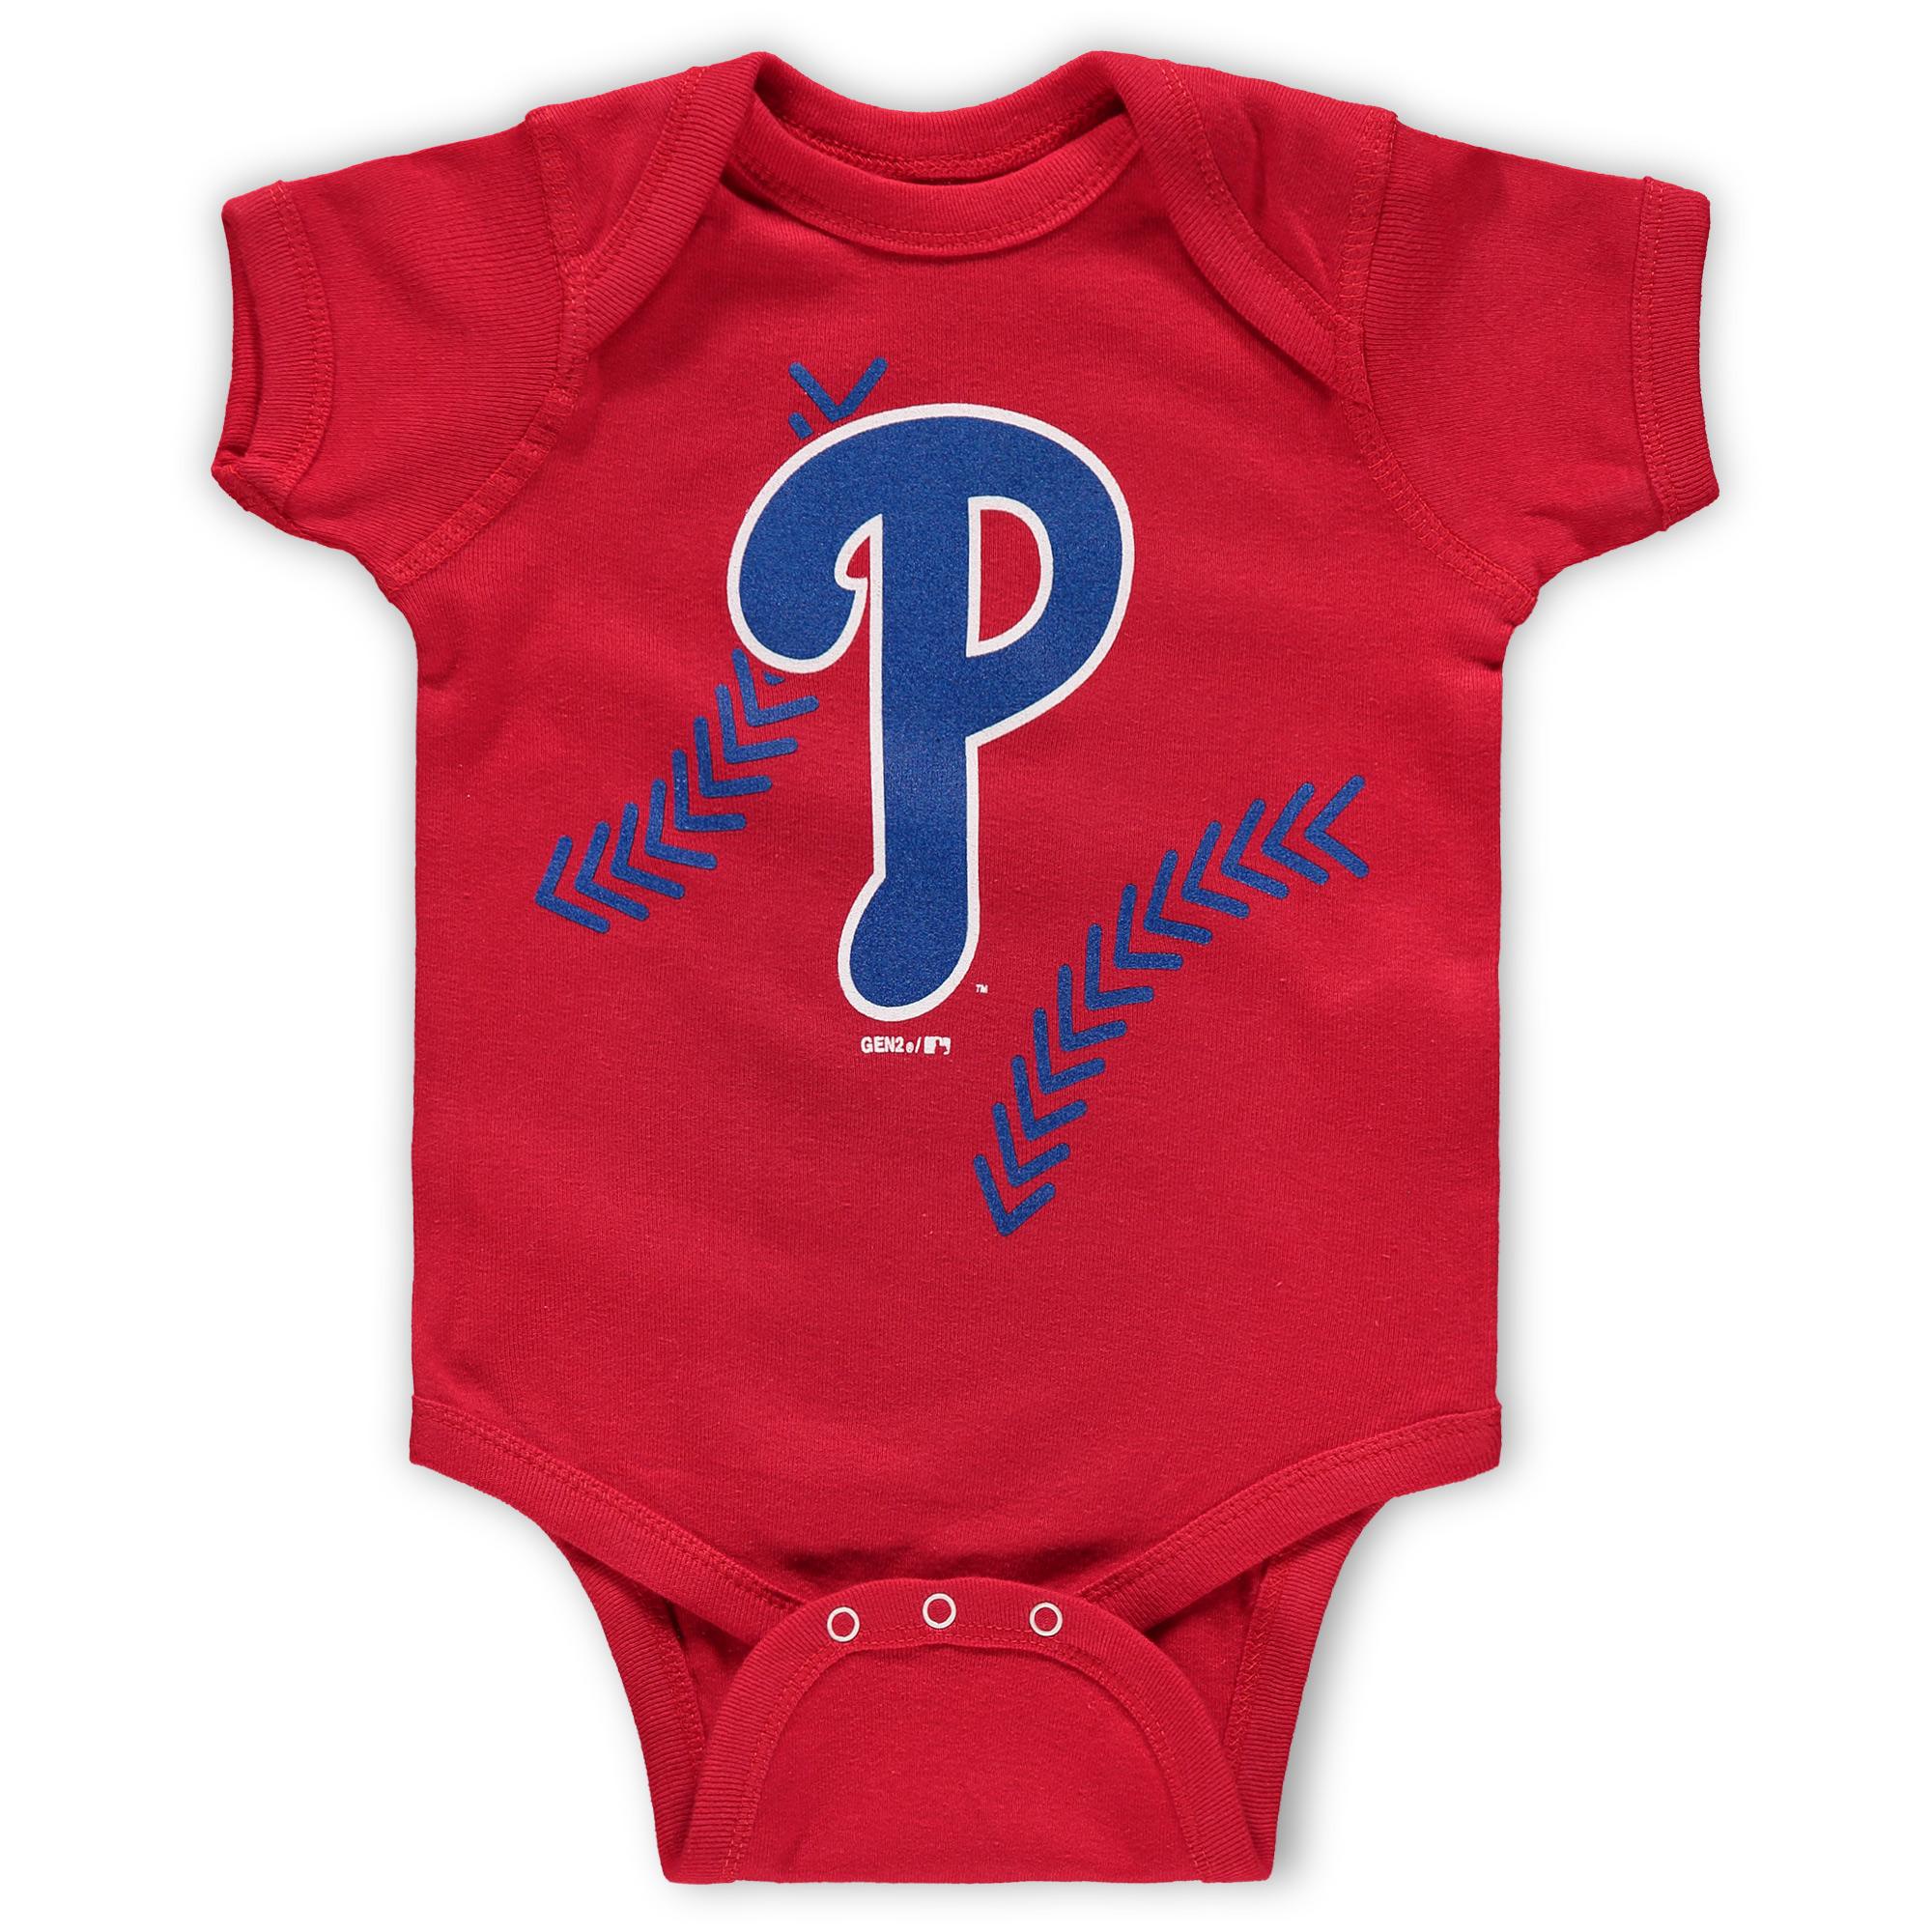 Philadelphia Phillies Newborn & Infant Running Home Bodysuit - Red